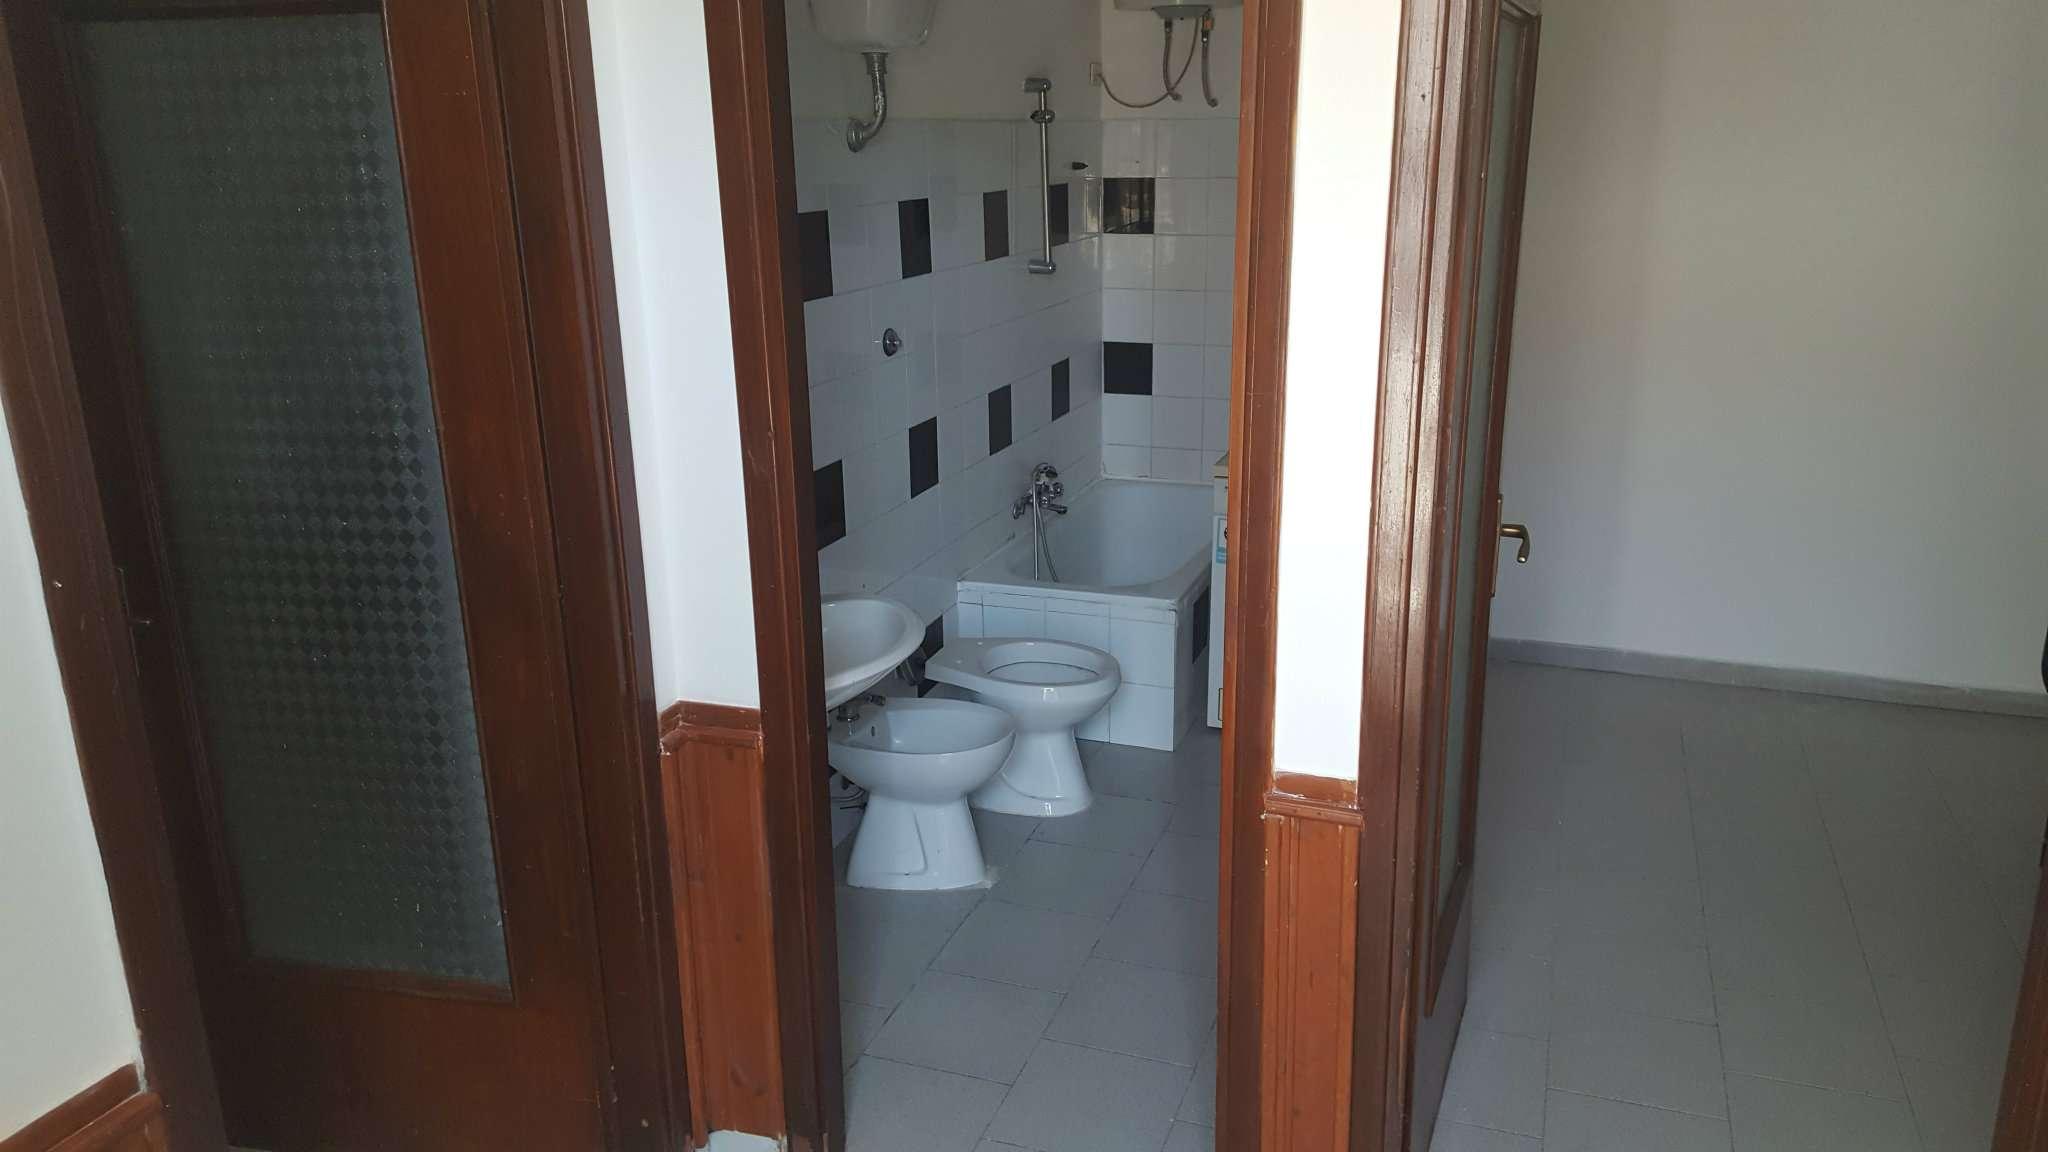 Appartamento in affitto a Napoli, 2 locali, zona Zona: 10 . Bagnoli, Fuorigrotta, Agnano, prezzo € 250 | CambioCasa.it